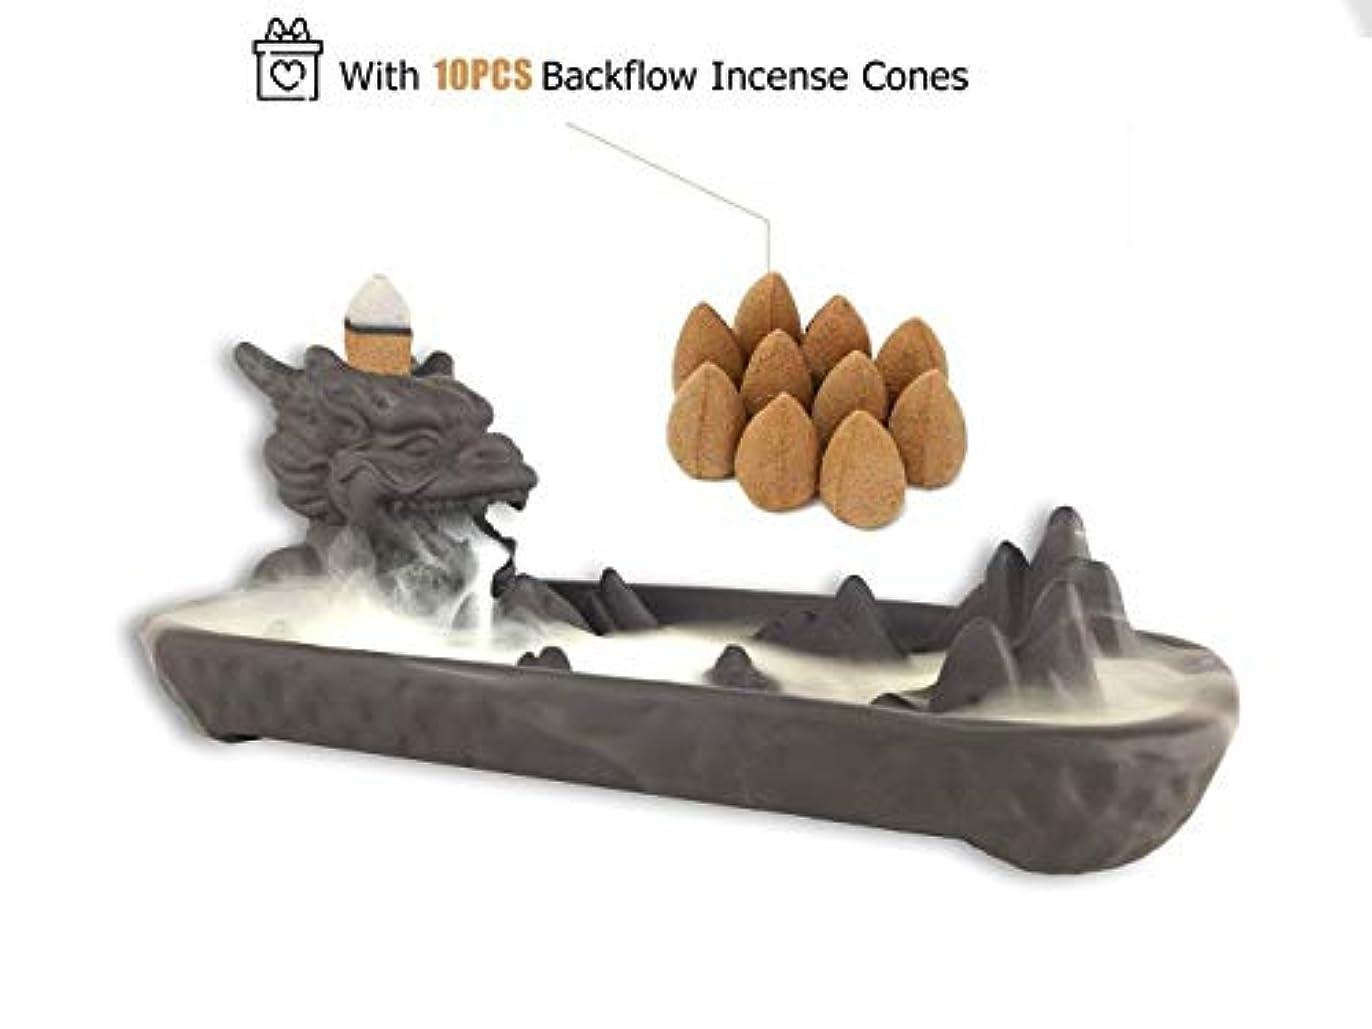 コンテンポラリー汚染された無条件(Black) - Dragon Ceramic Backflow Incense Burner with Incense Cones for Home Decor (Black)